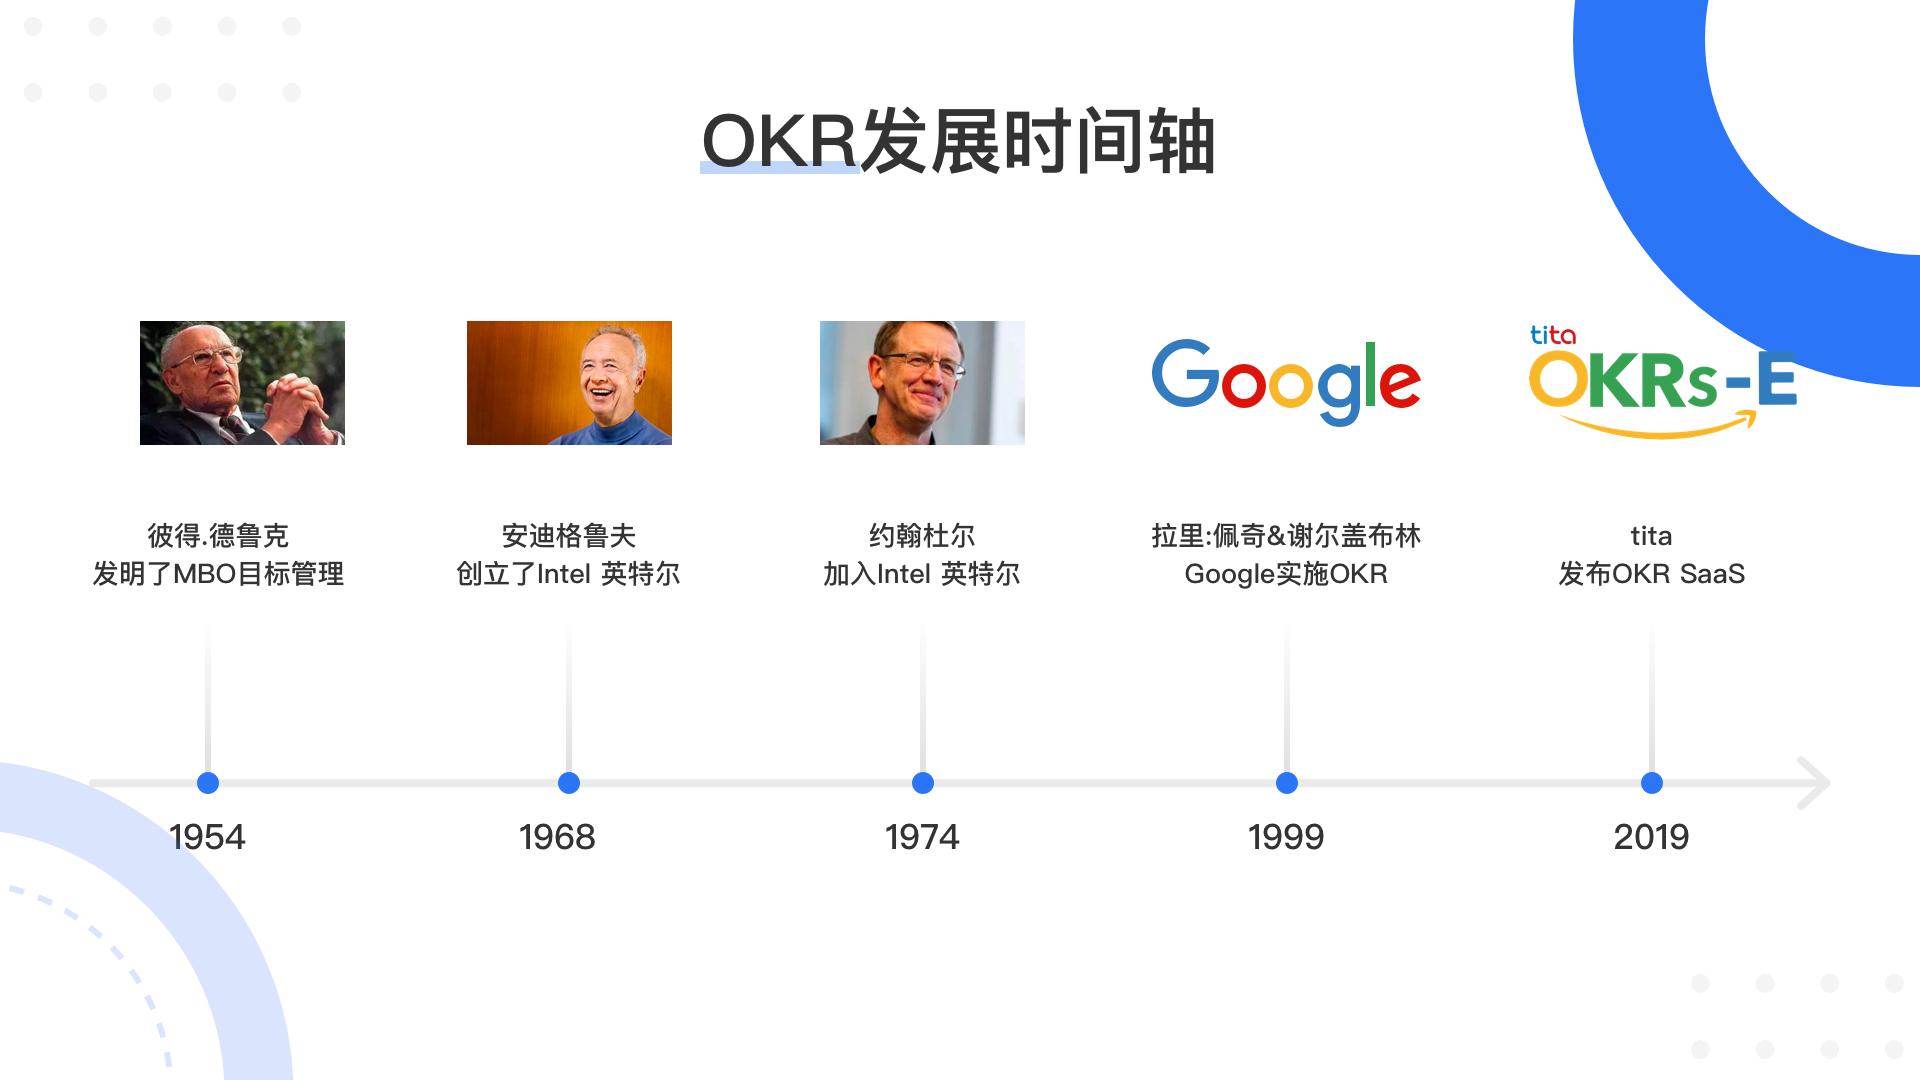 OKR + E:专注于实现商业目标的执行